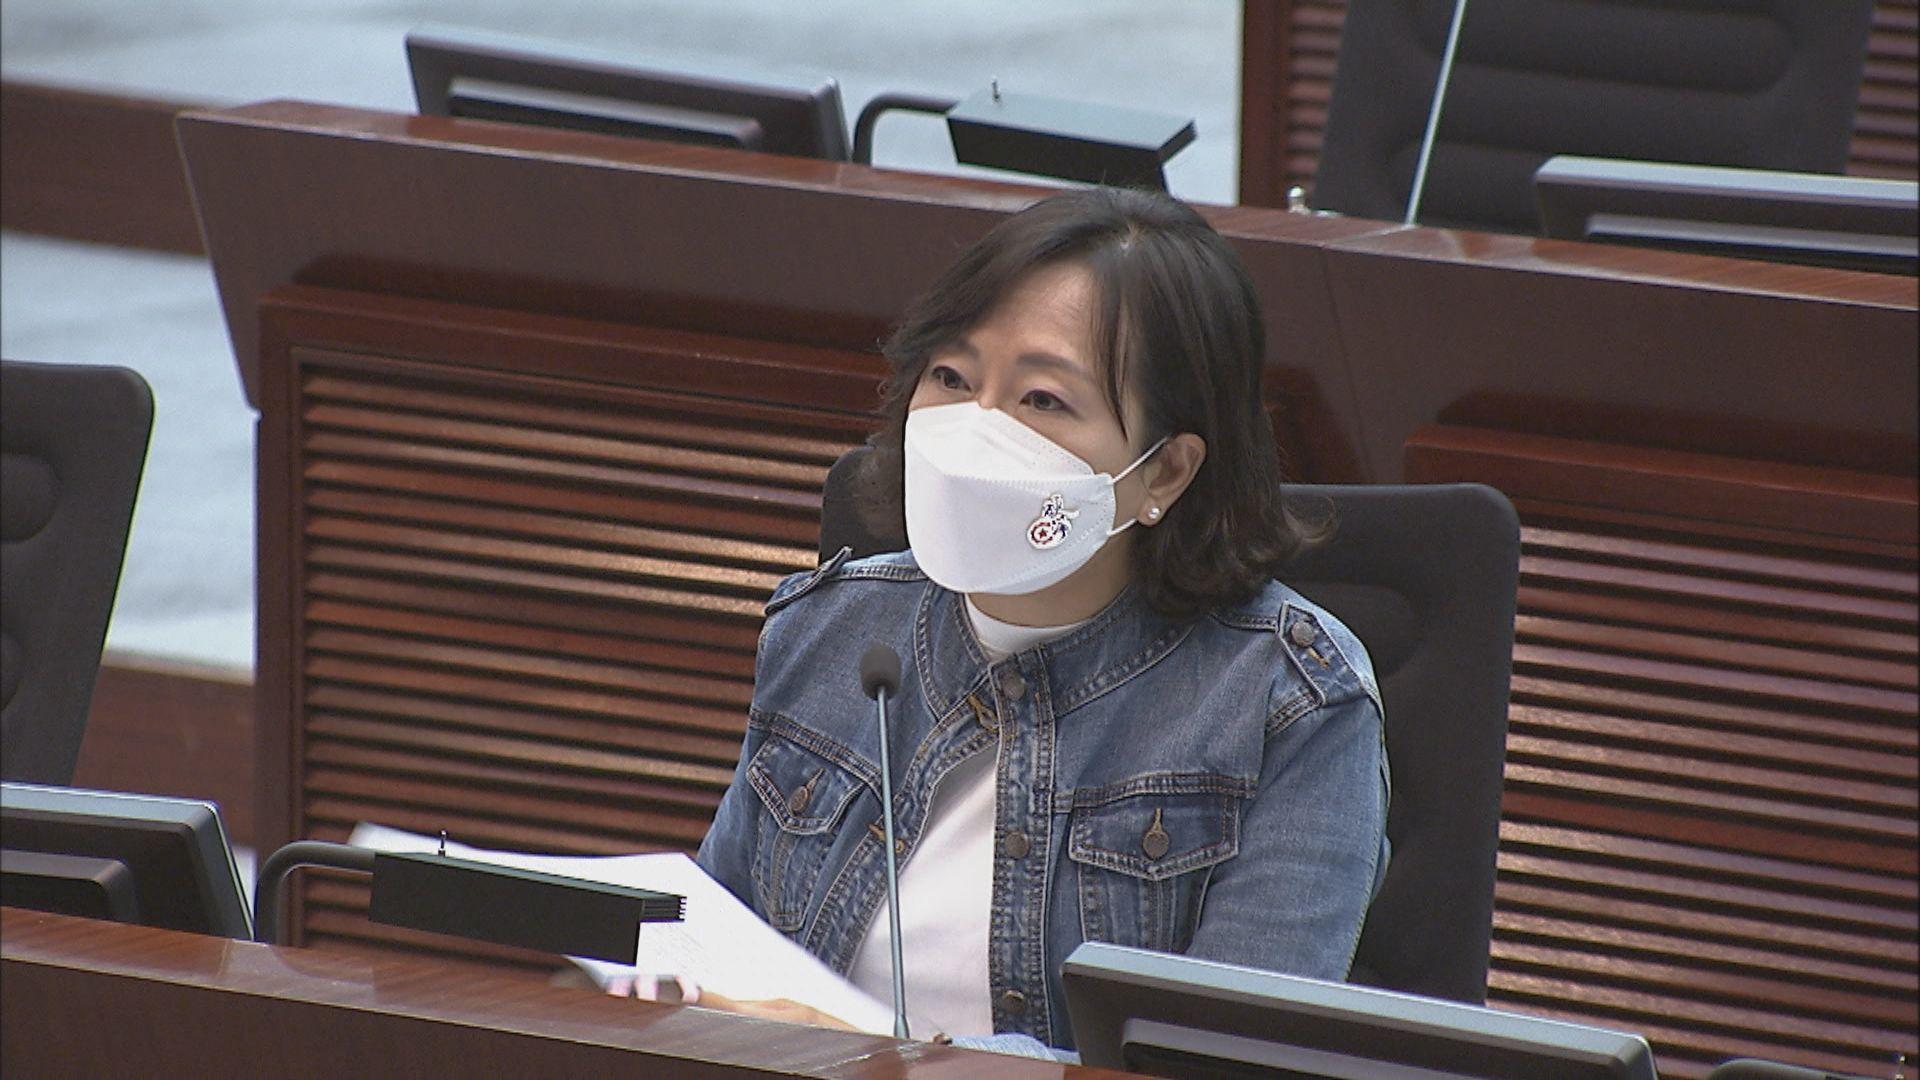 麥美娟提修訂保護海港條例 黃偉綸指要與社會共議